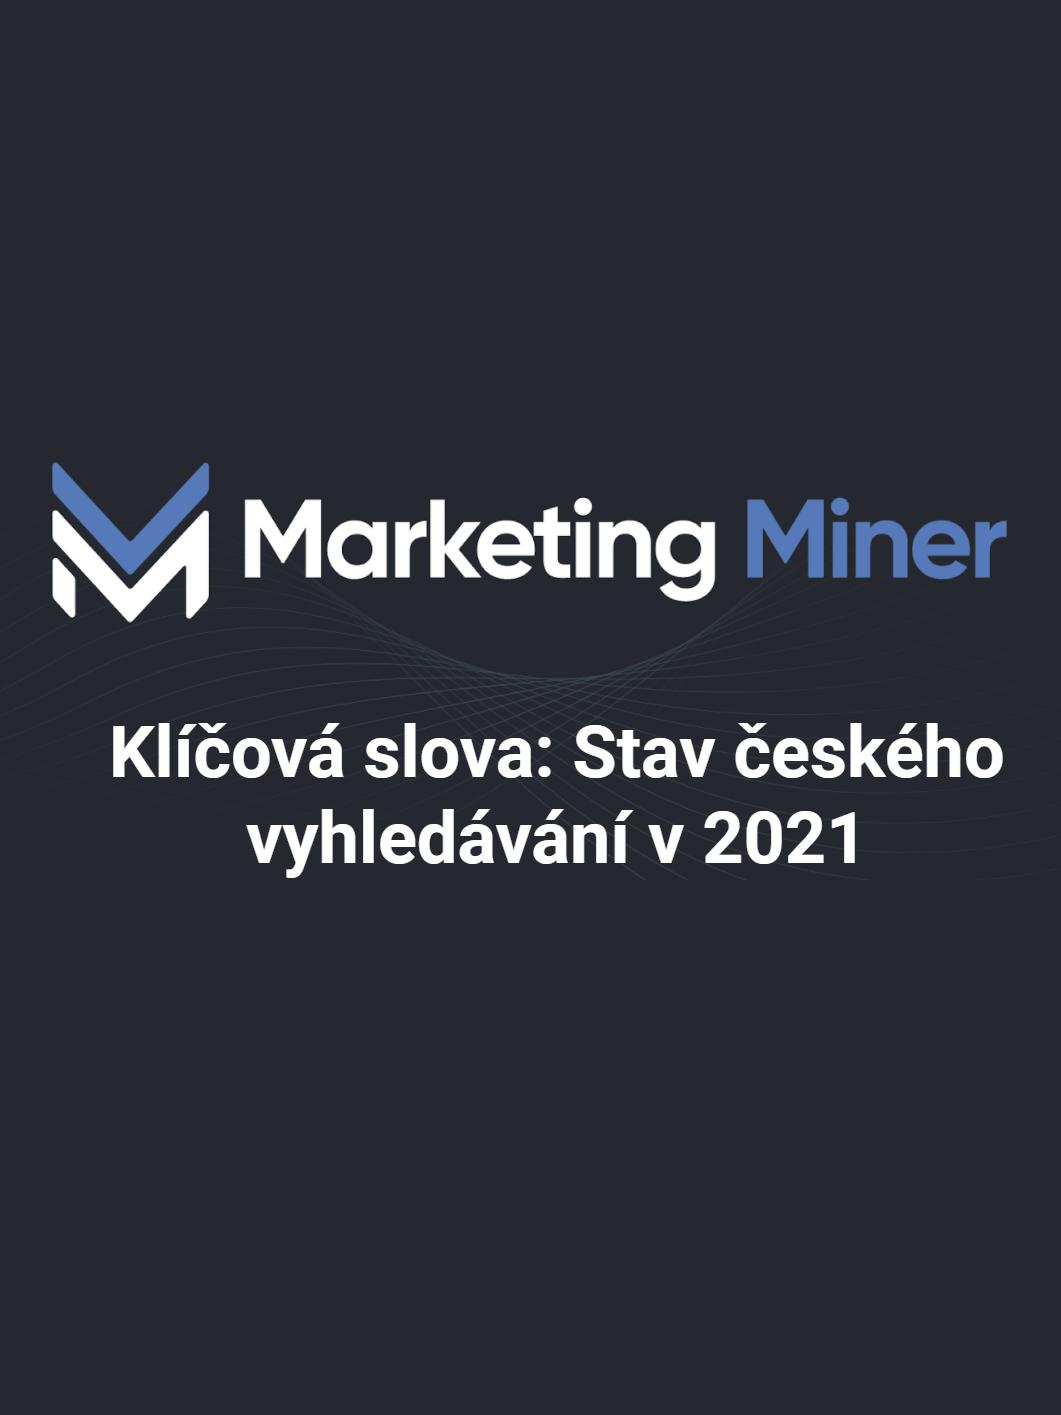 marketing miner klíčová slova stav českého vyhledávání